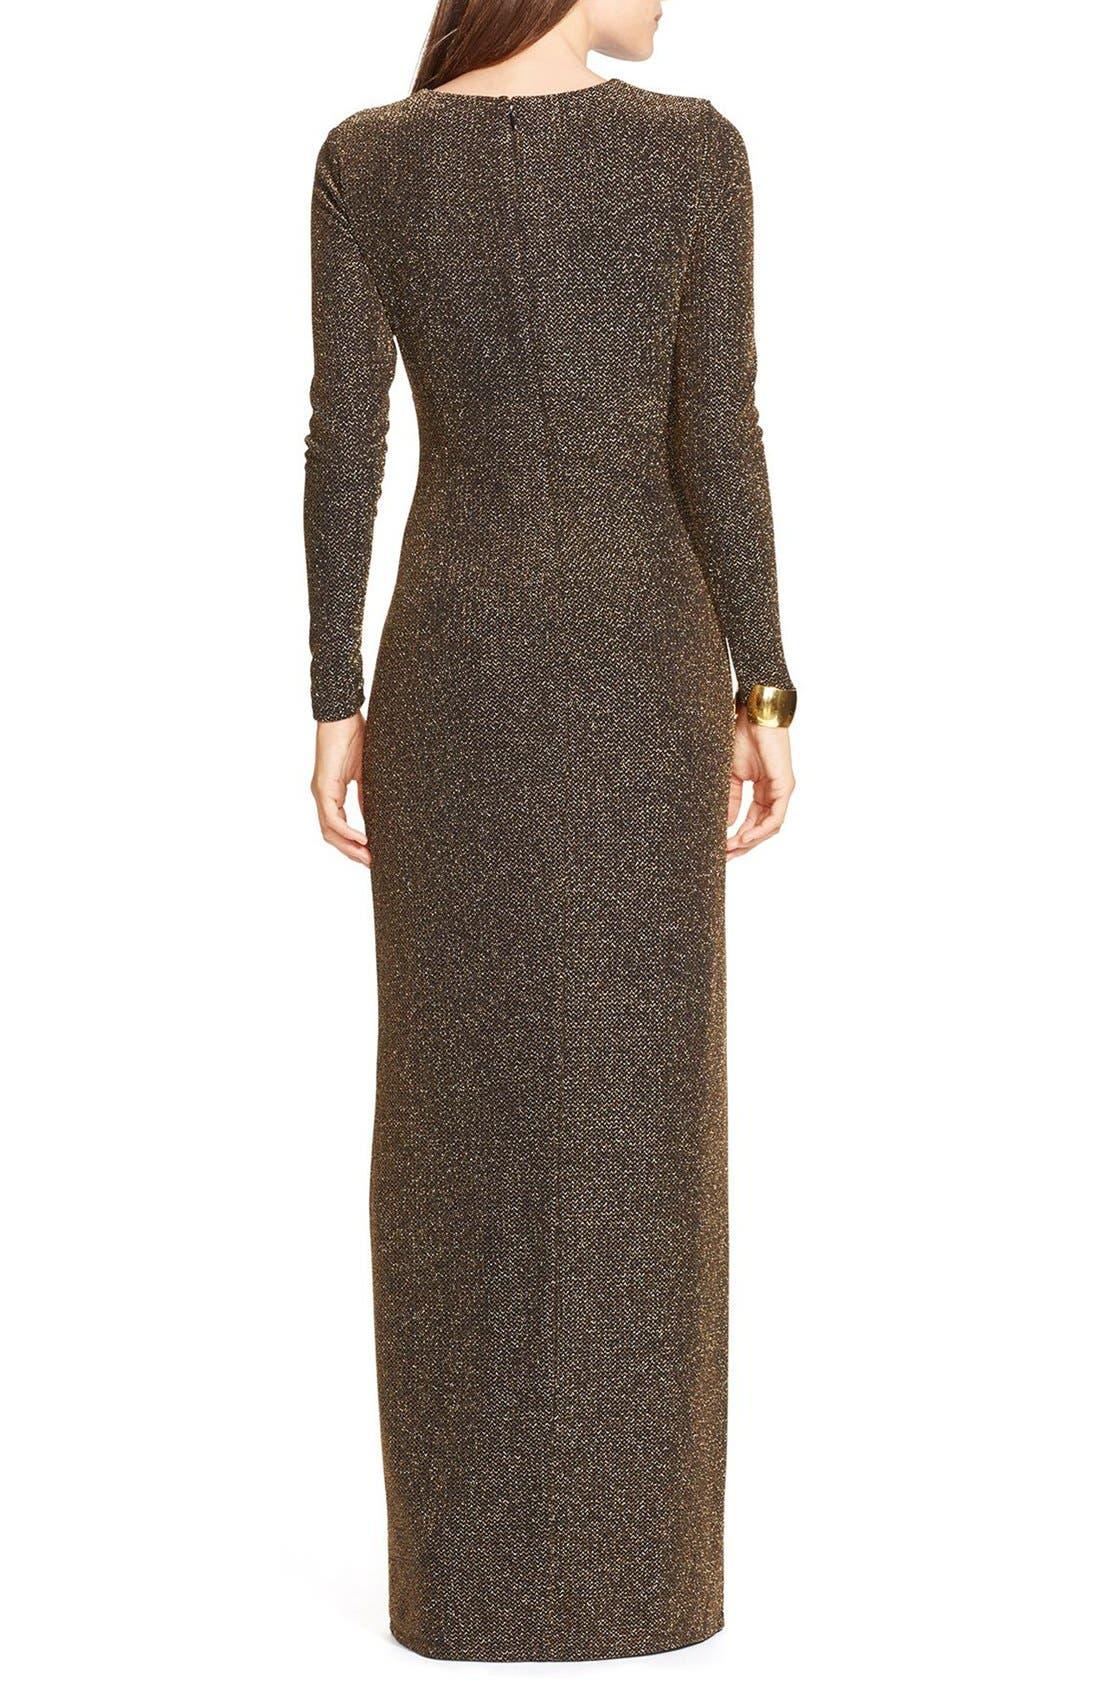 Alternate Image 2  - Lauren Ralph Lauren Metallic Gown (Regular & Petite)